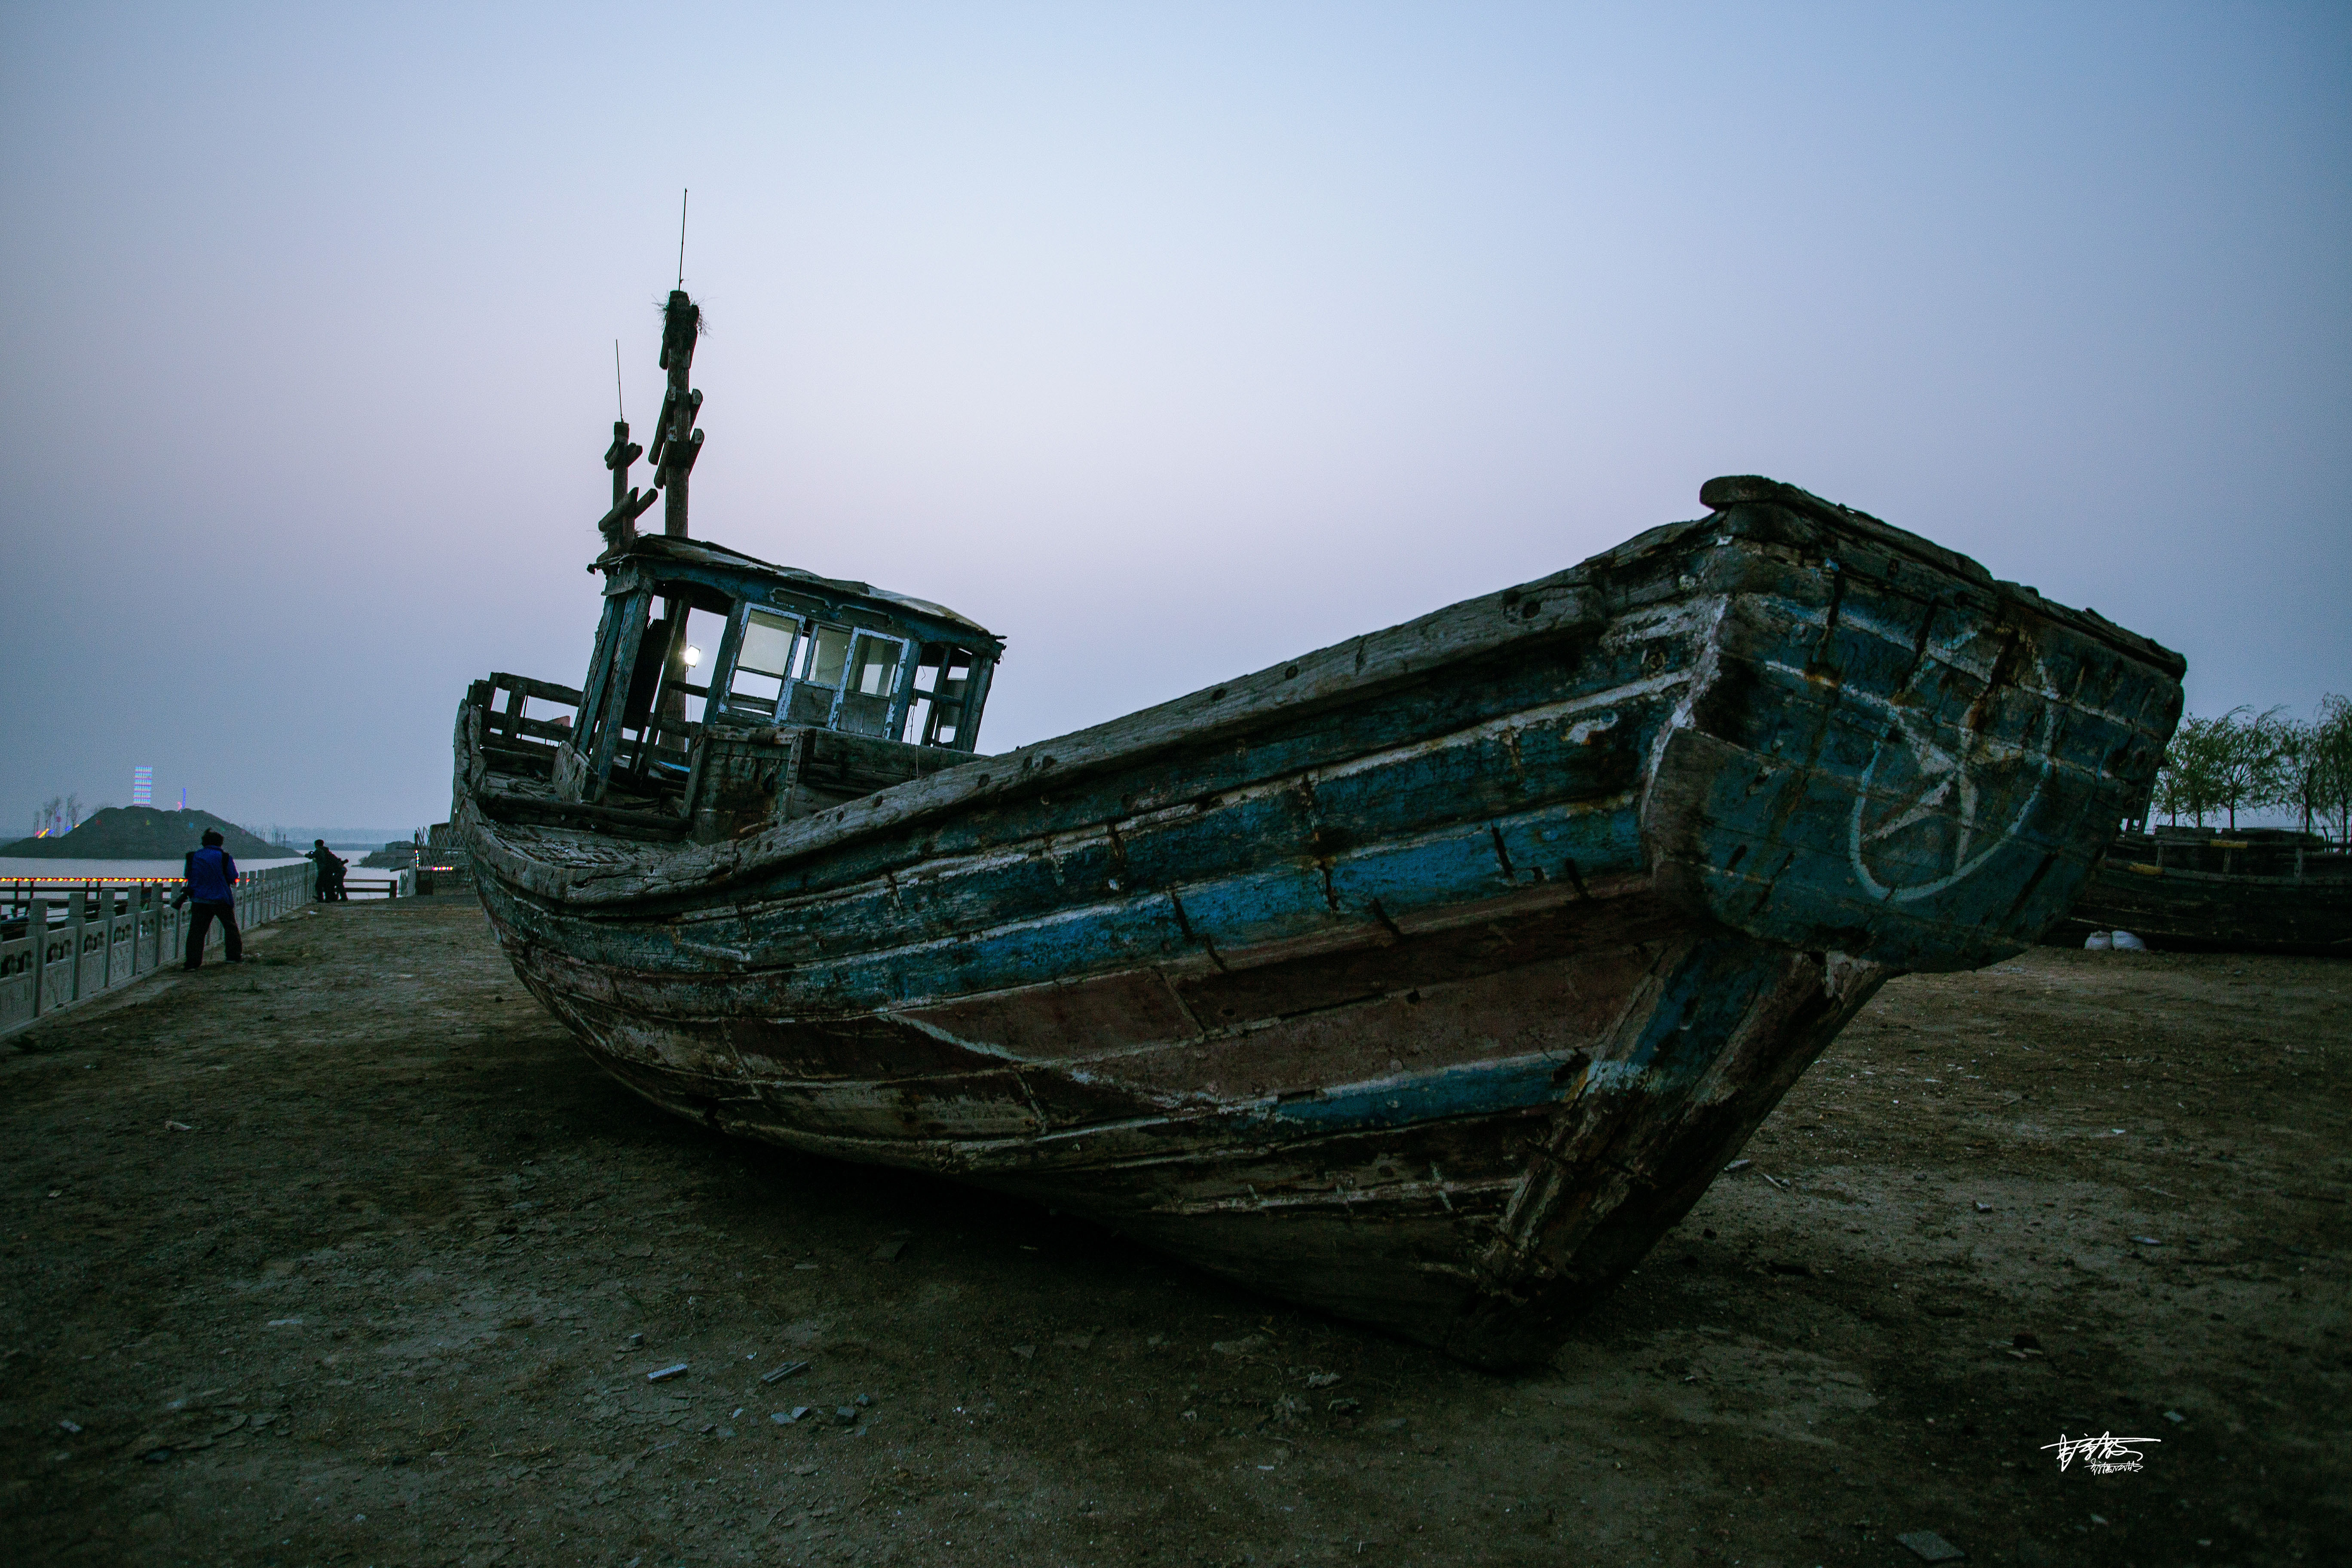 夜市、庙会、海鲜,渔民的夜生活并非你想的那般枯燥